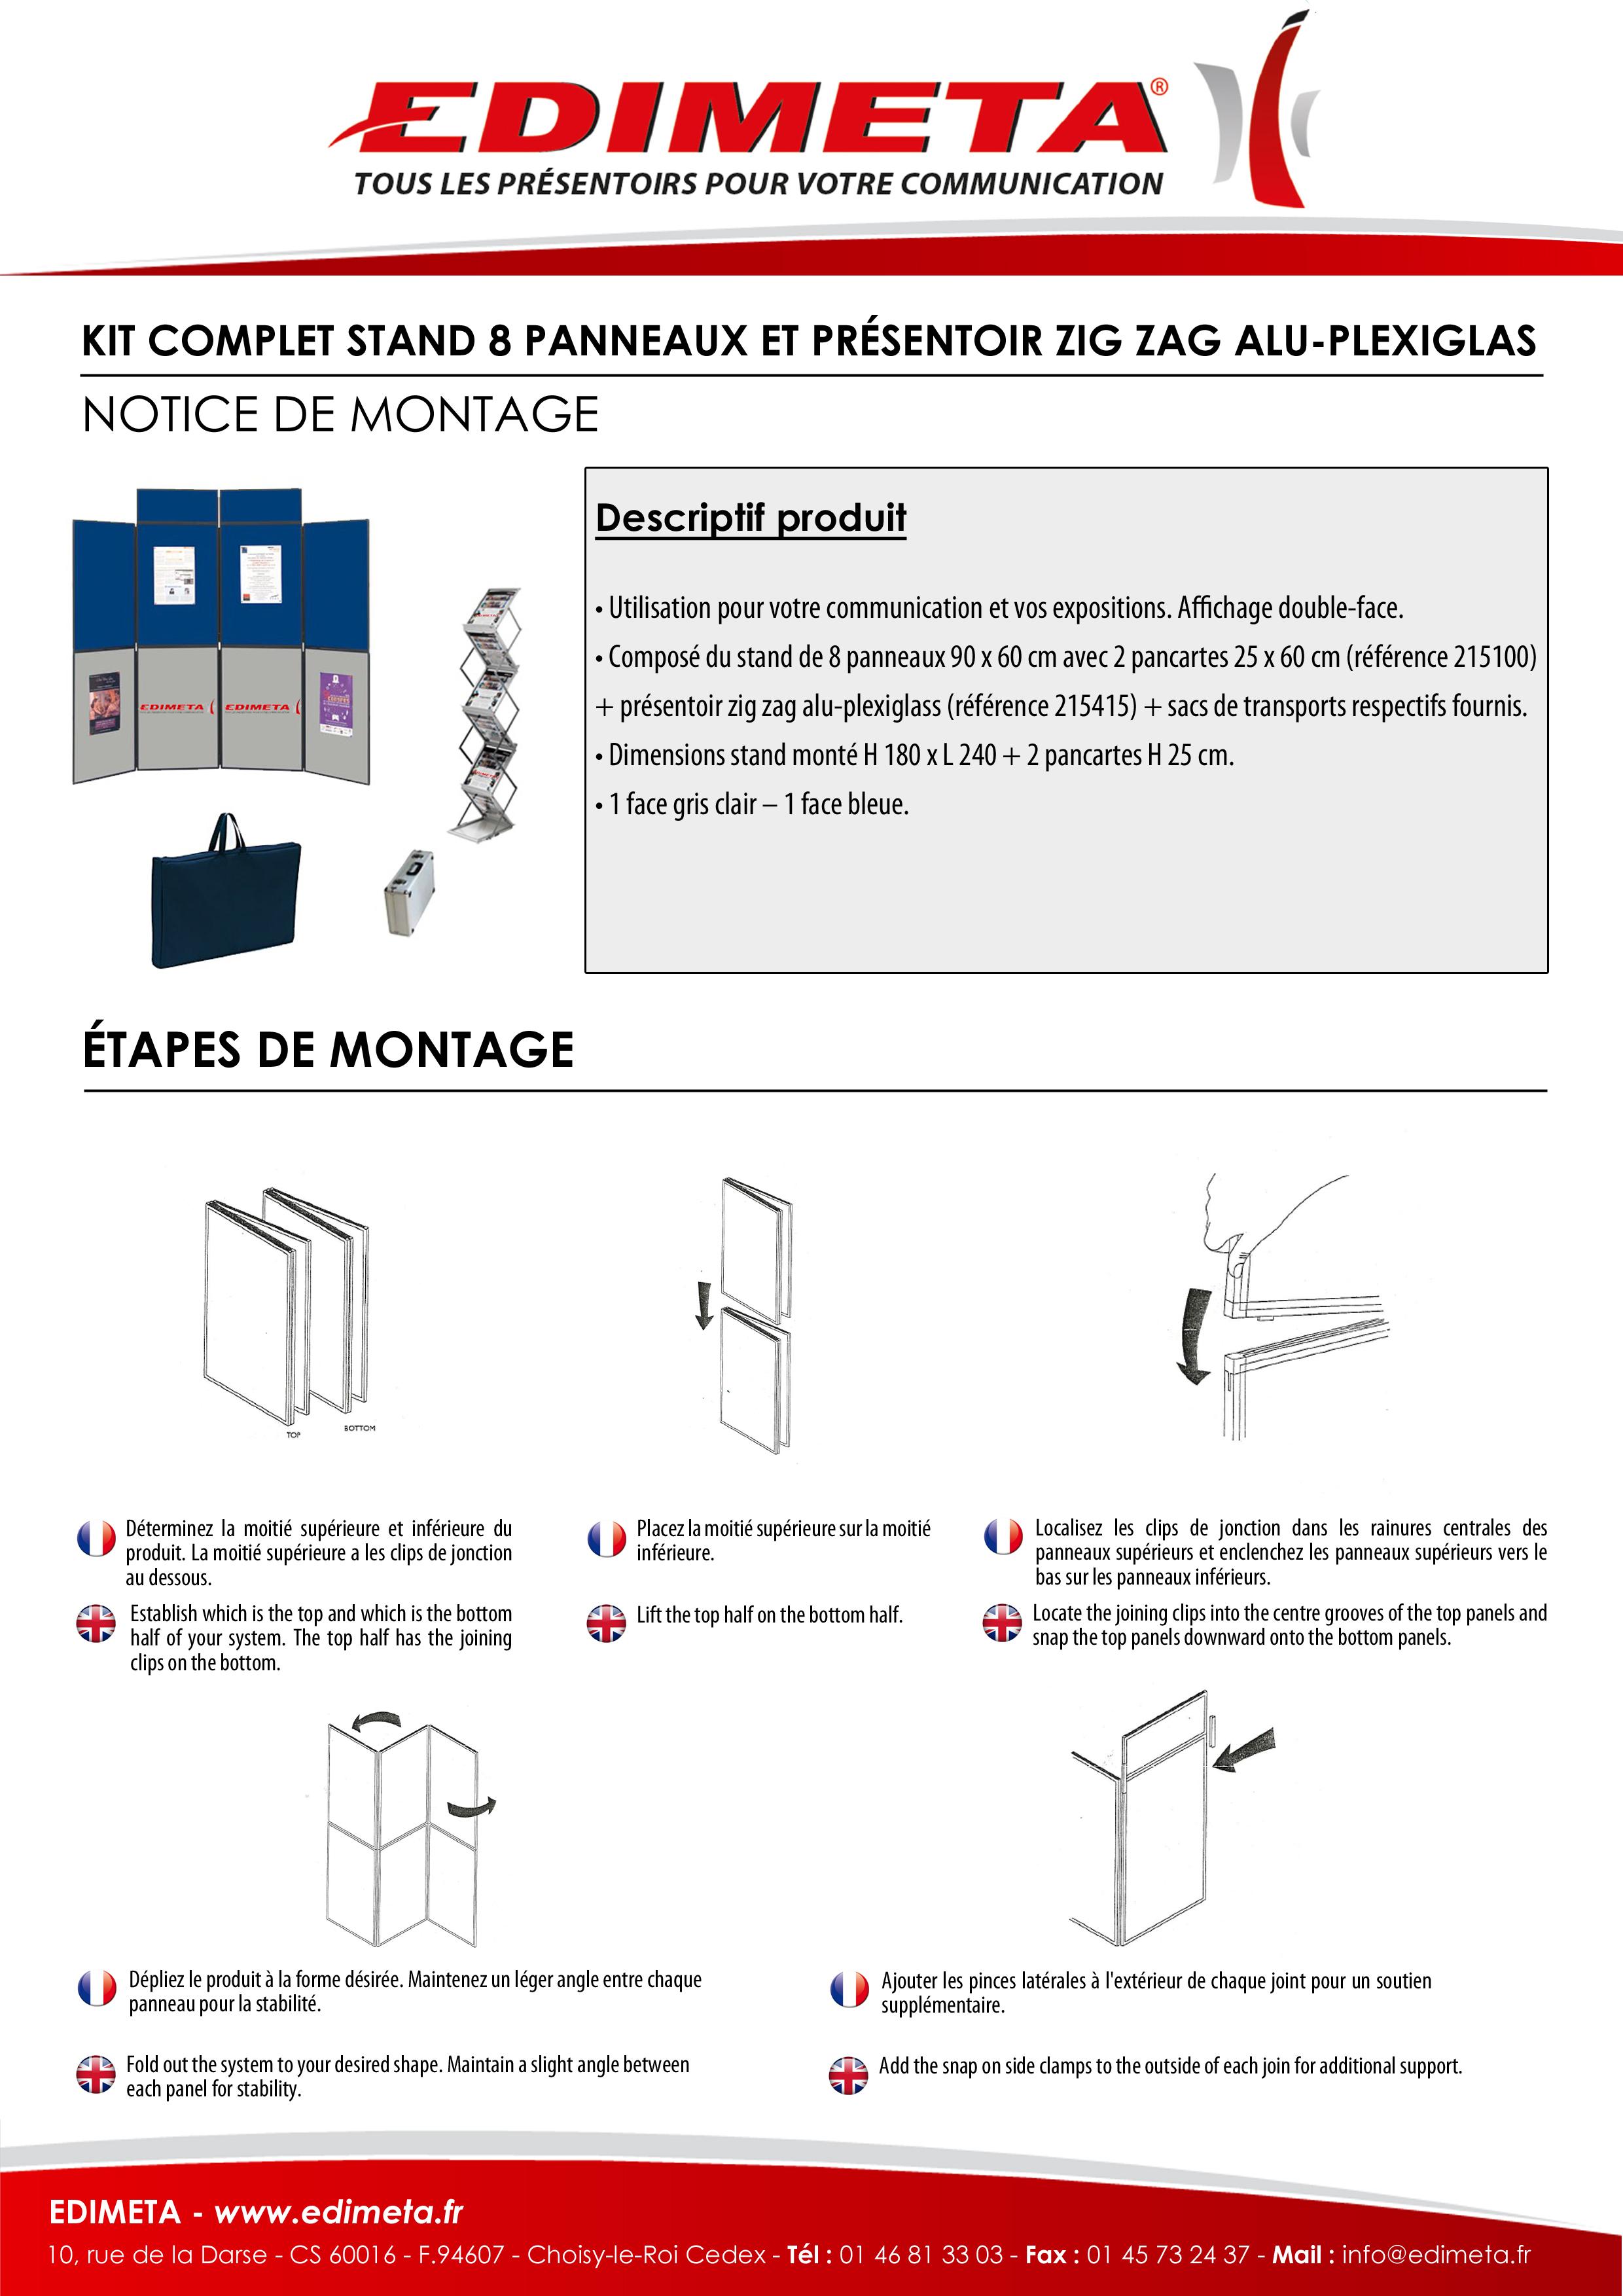 NOTICE DE MONTAGE : KIT COMPLET STAND 8 PANNEAUX ET PRÉSENTOIR ZIG ZAG ALU-PLEXIGLASS PLIABLES